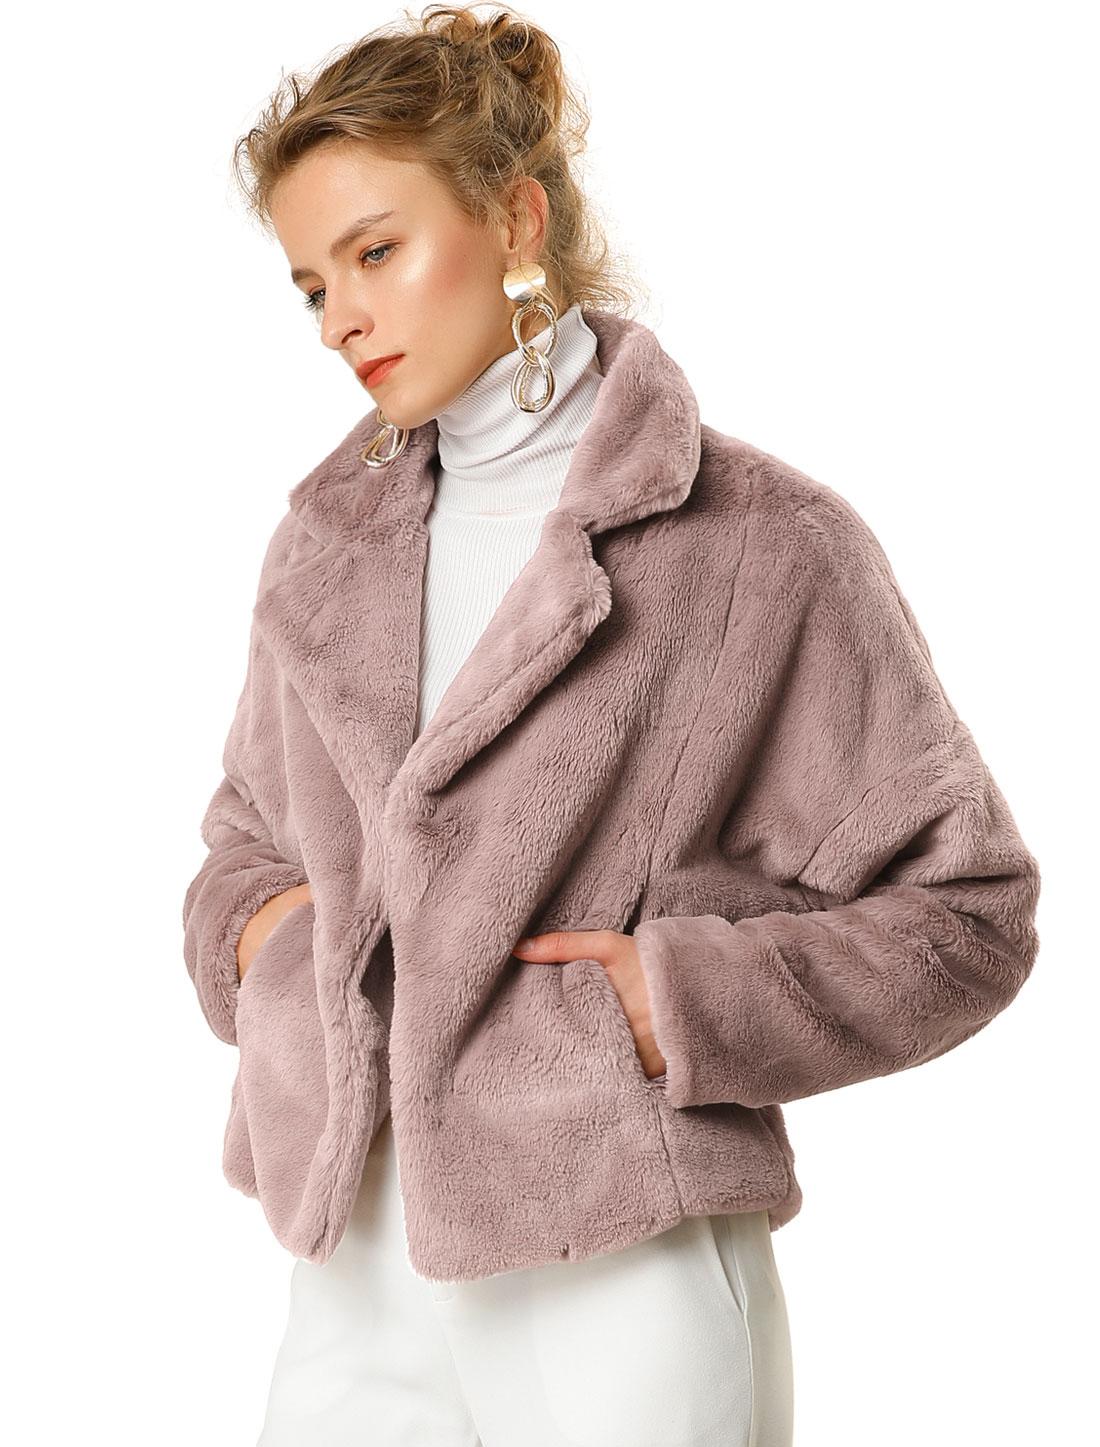 Allegra K Women's Winter Loose Faux Fur Coat Short Crop Jacket Purple Gray XL